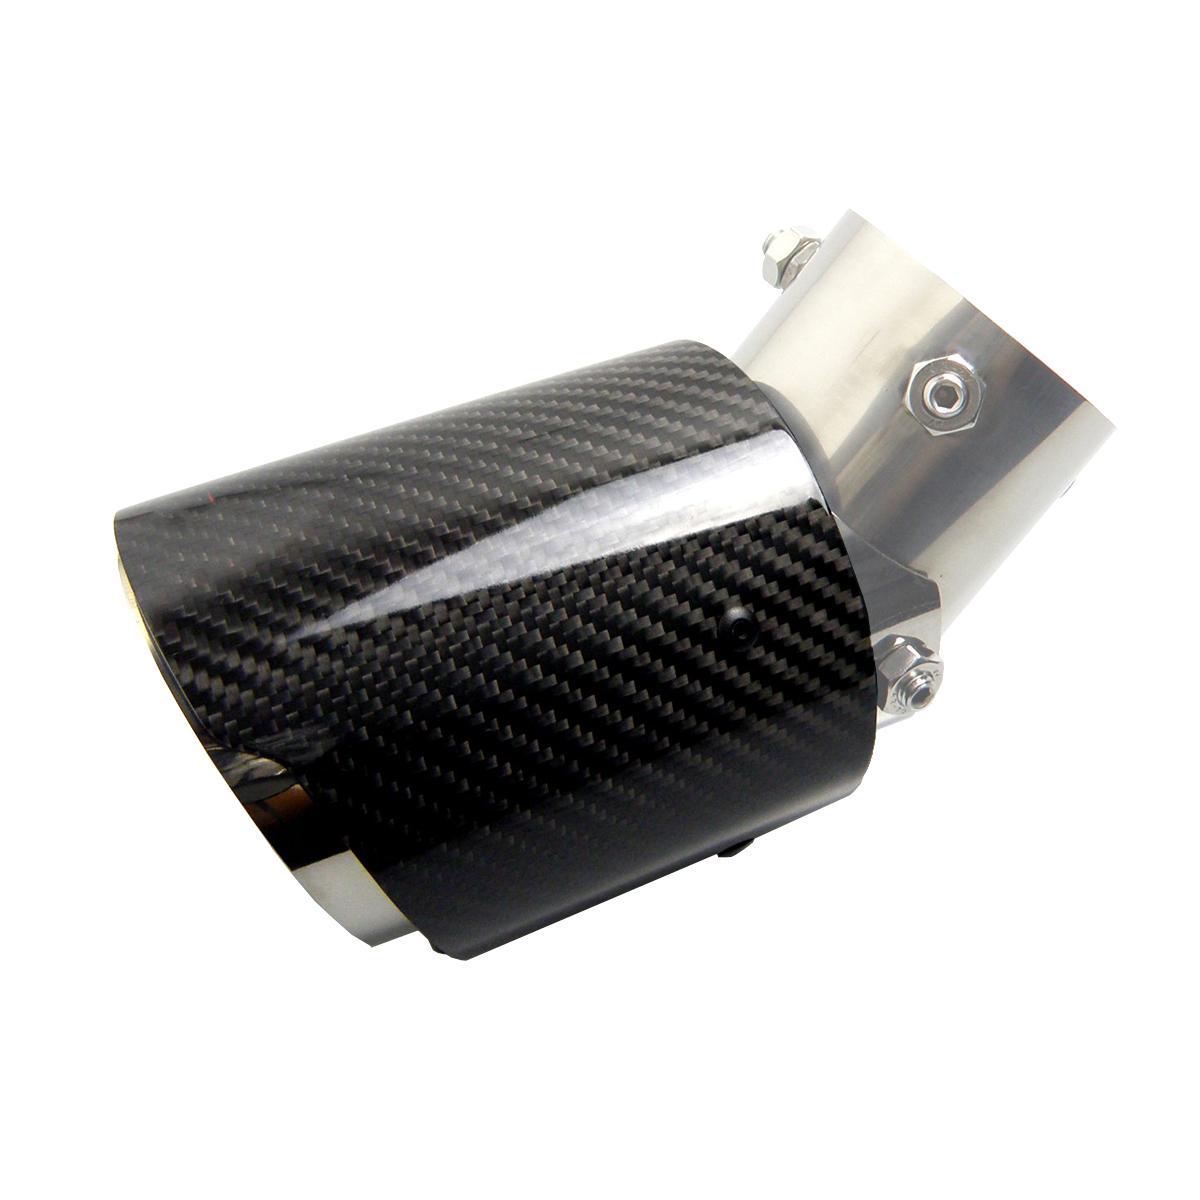 Ángulo ajustable de escape de fibra de carbono Consejos coche tubo de escape del silenciador punta de fibra de carbono del borde recto del logotipo de AK para accesorios de automóvil